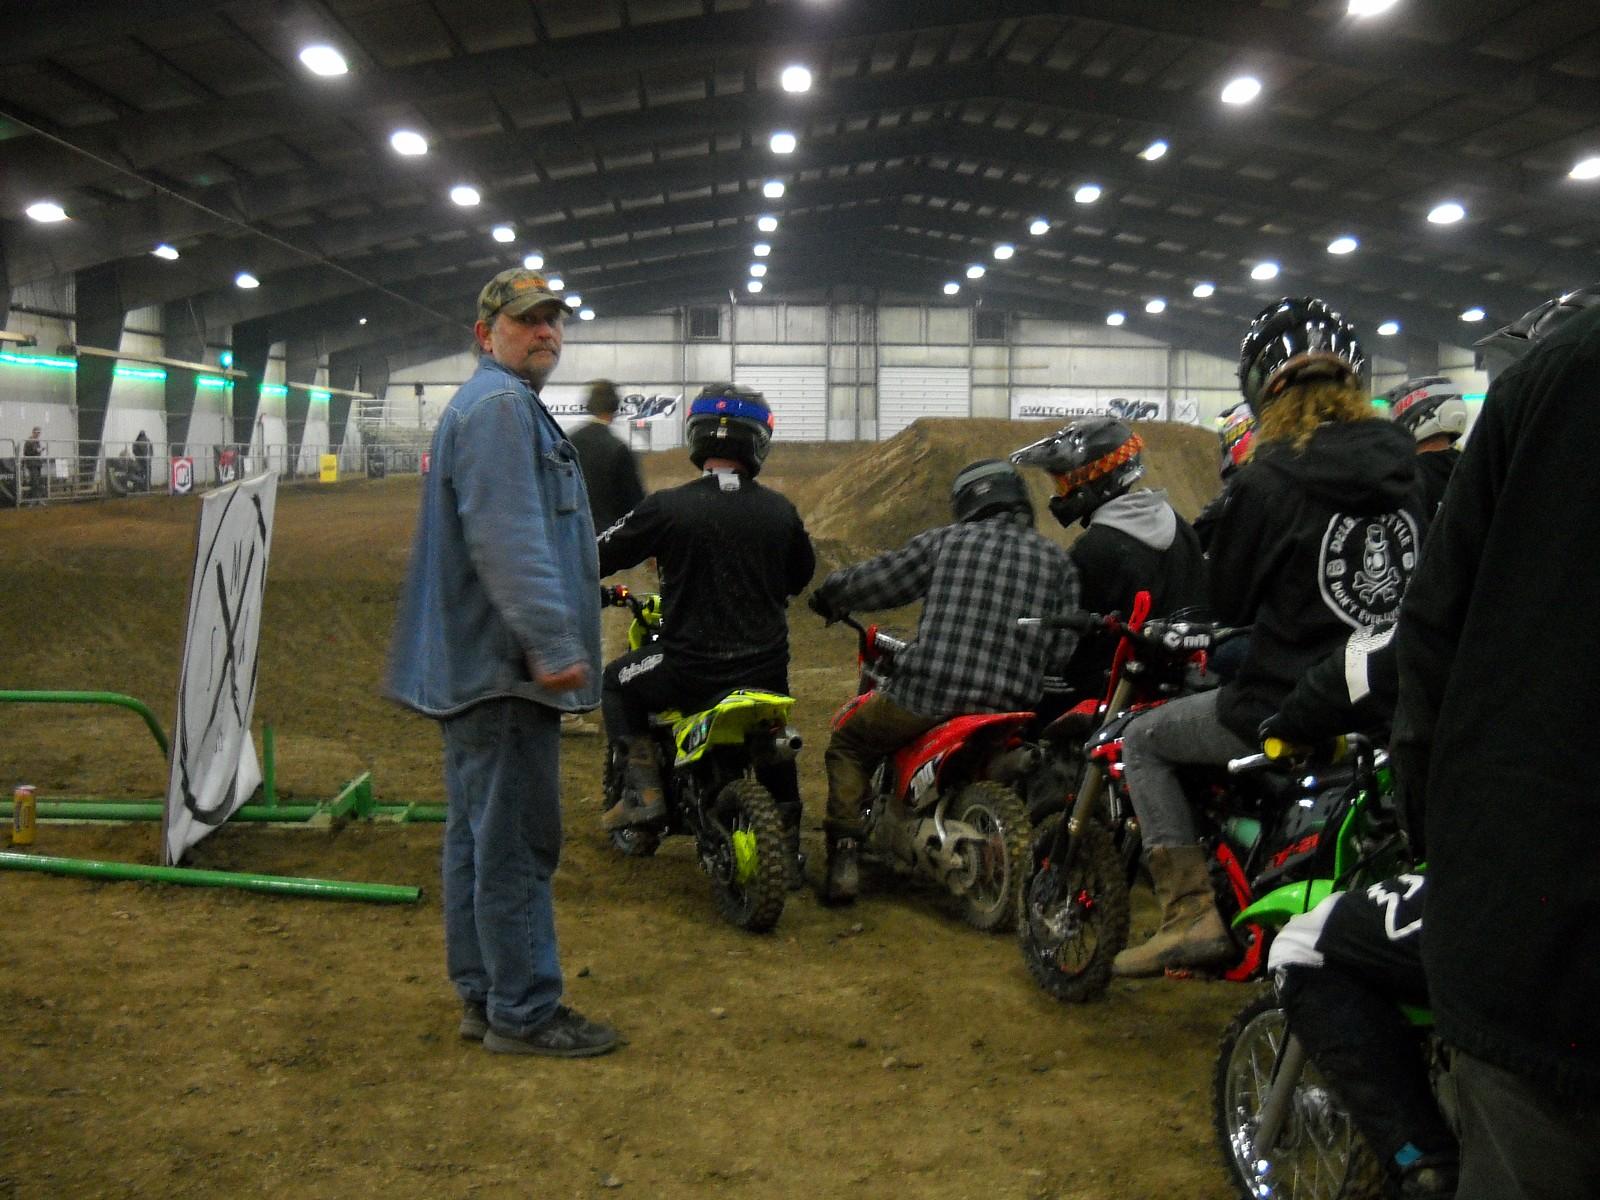 DSCN0006 - motoclown - Motocross Pictures - Vital MX